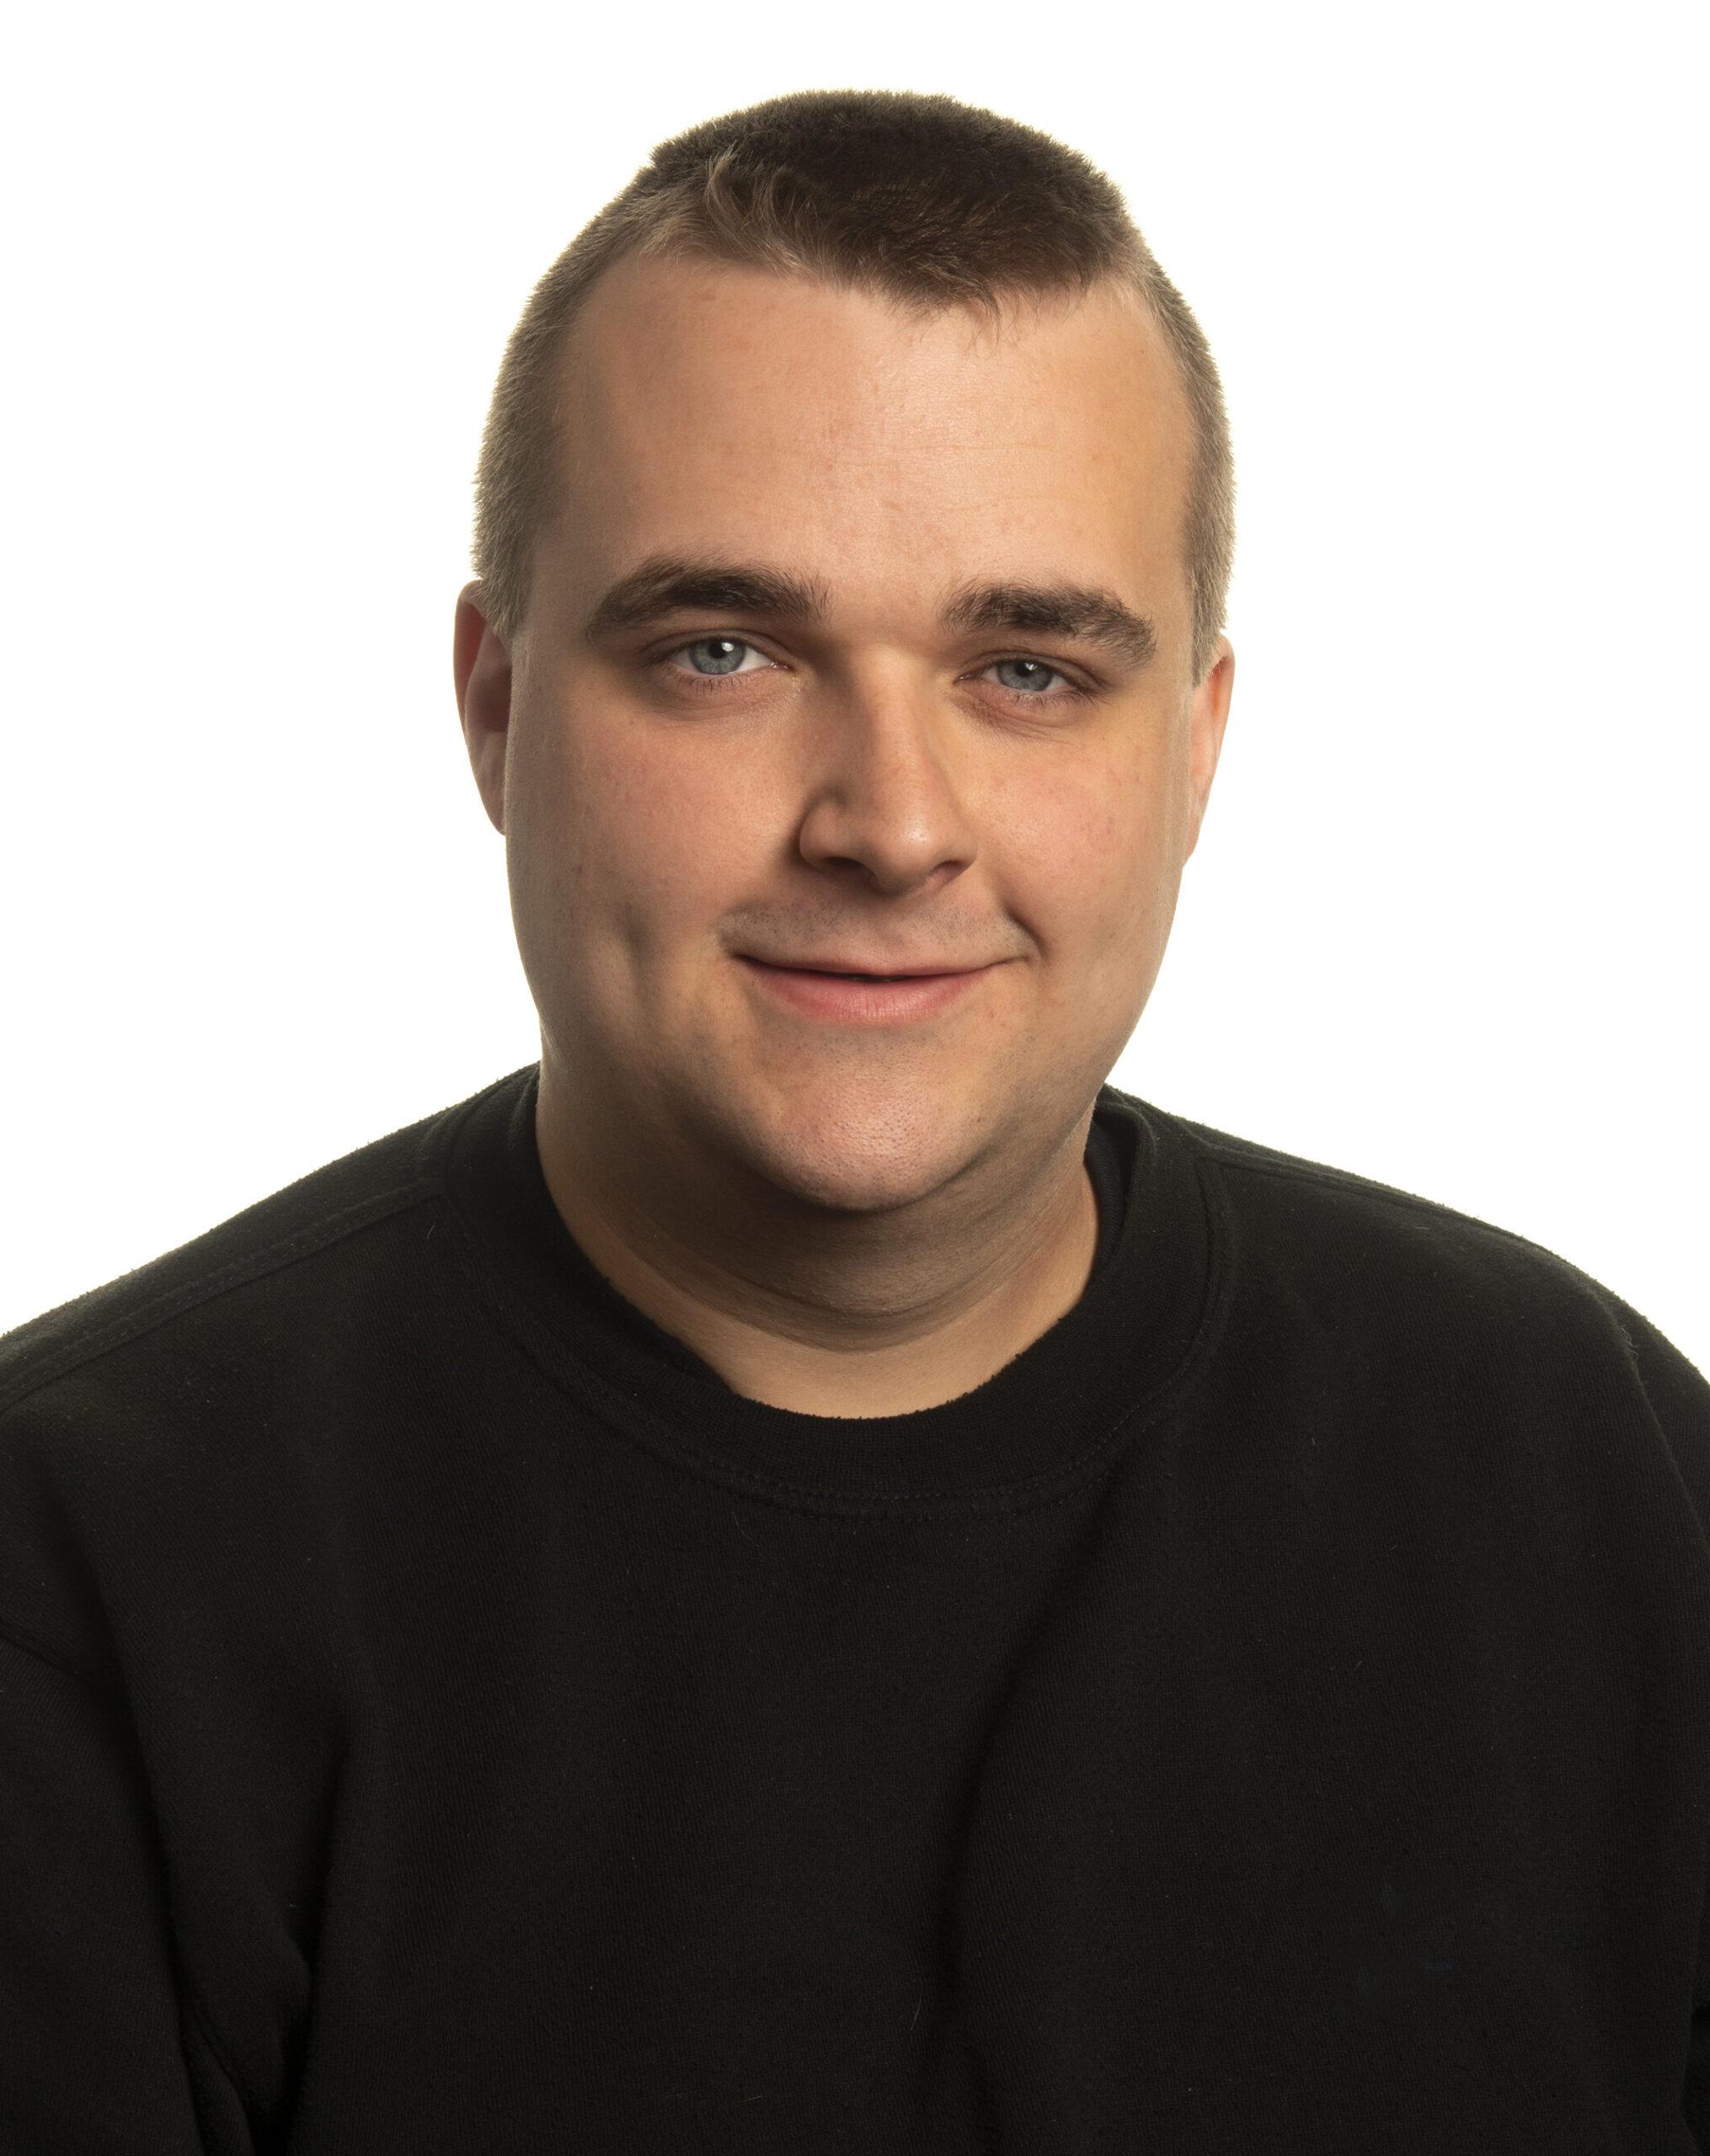 Jens Skødt Christensen